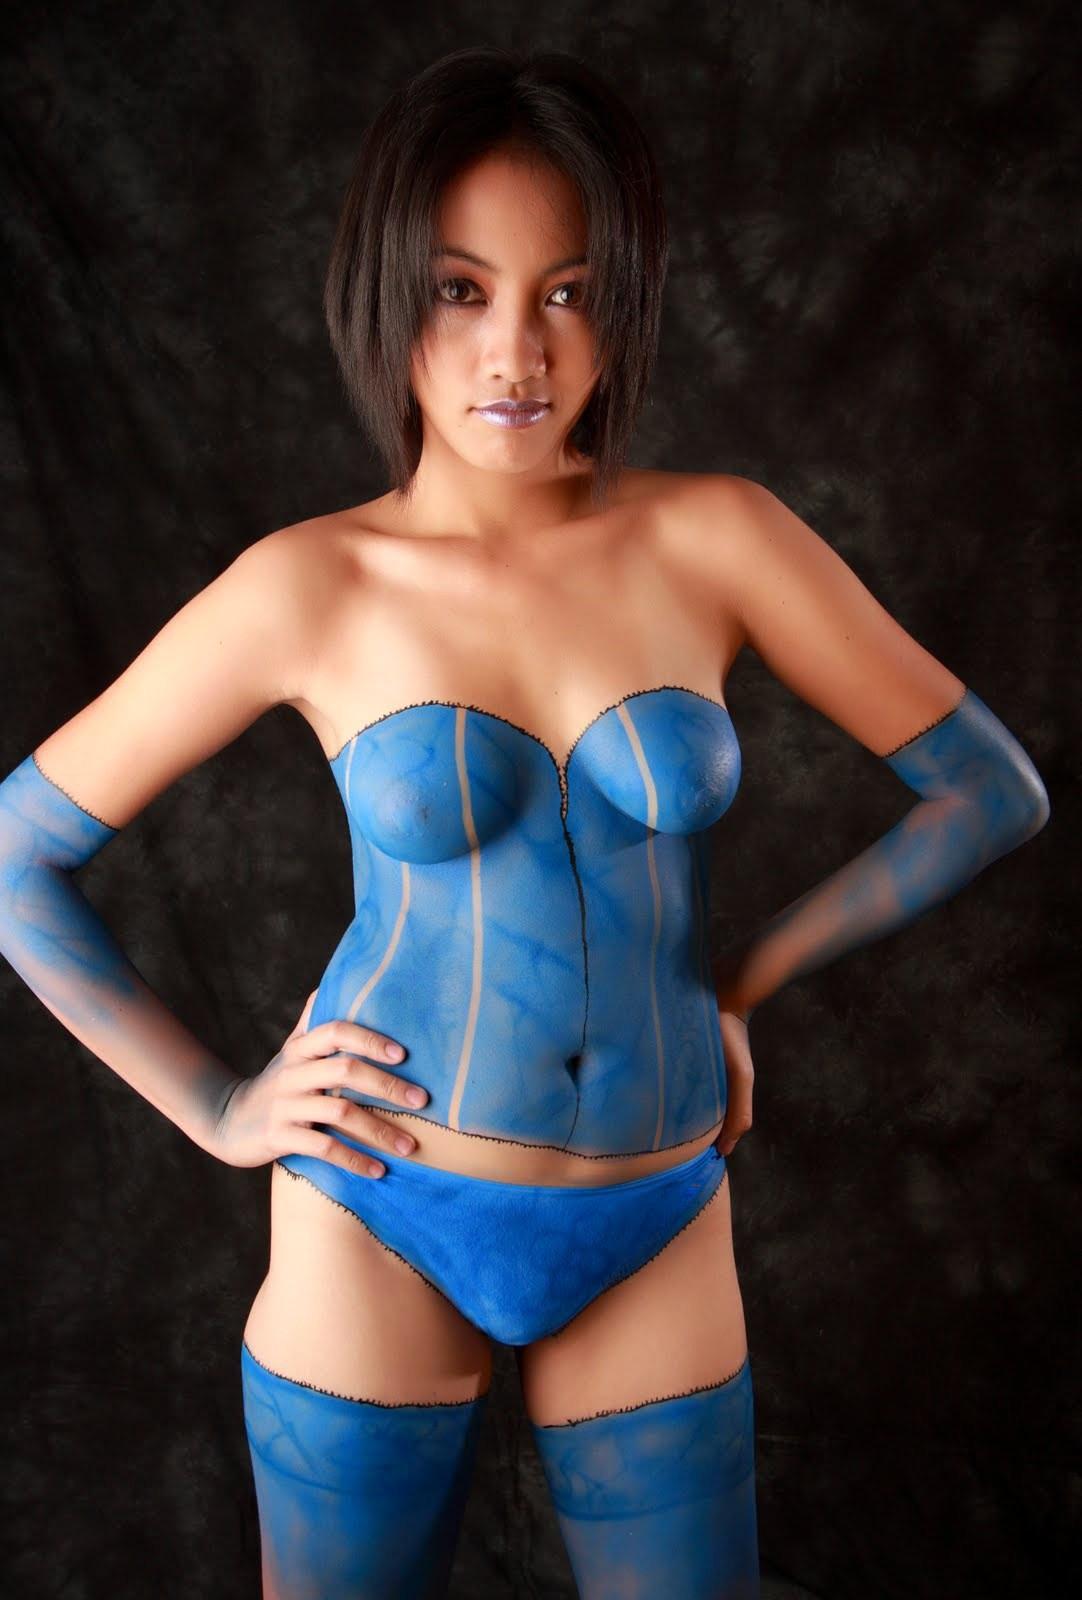 【ボディペイントエロ画像】着てません描いているだけw胸のポッチは誤魔化せないペイント美女(;´Д`)